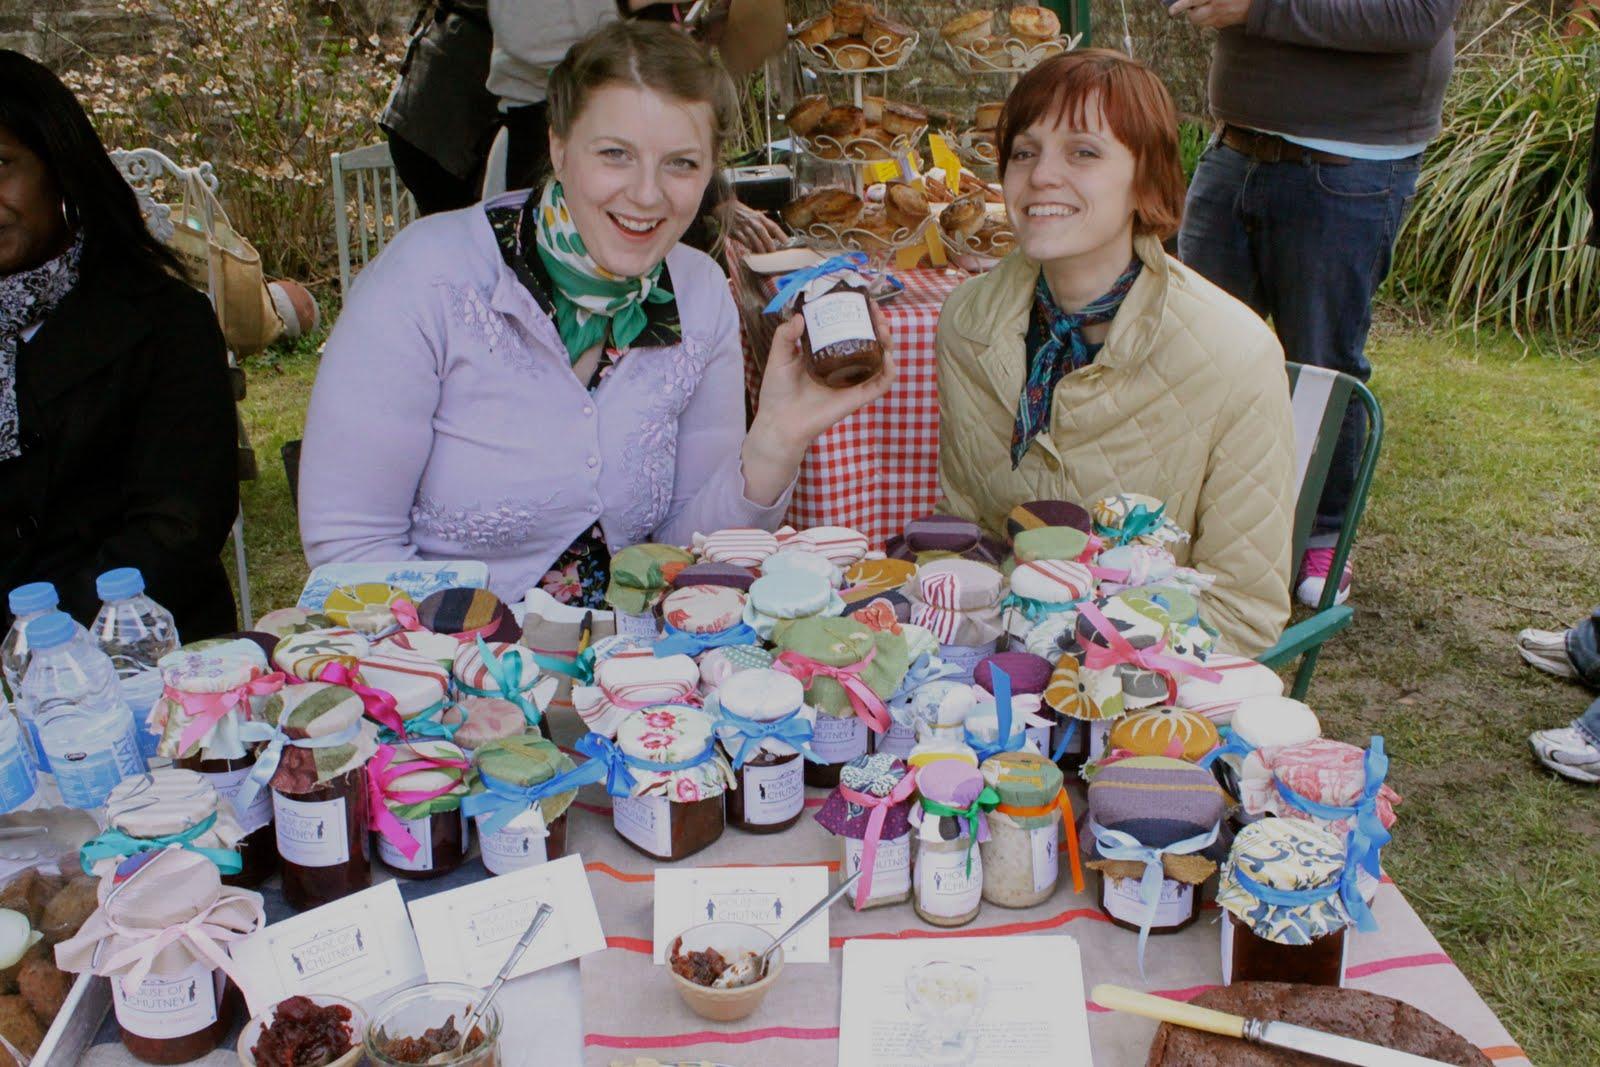 MsMarmiteLover: The Underground Farmers & Craft market in pictures